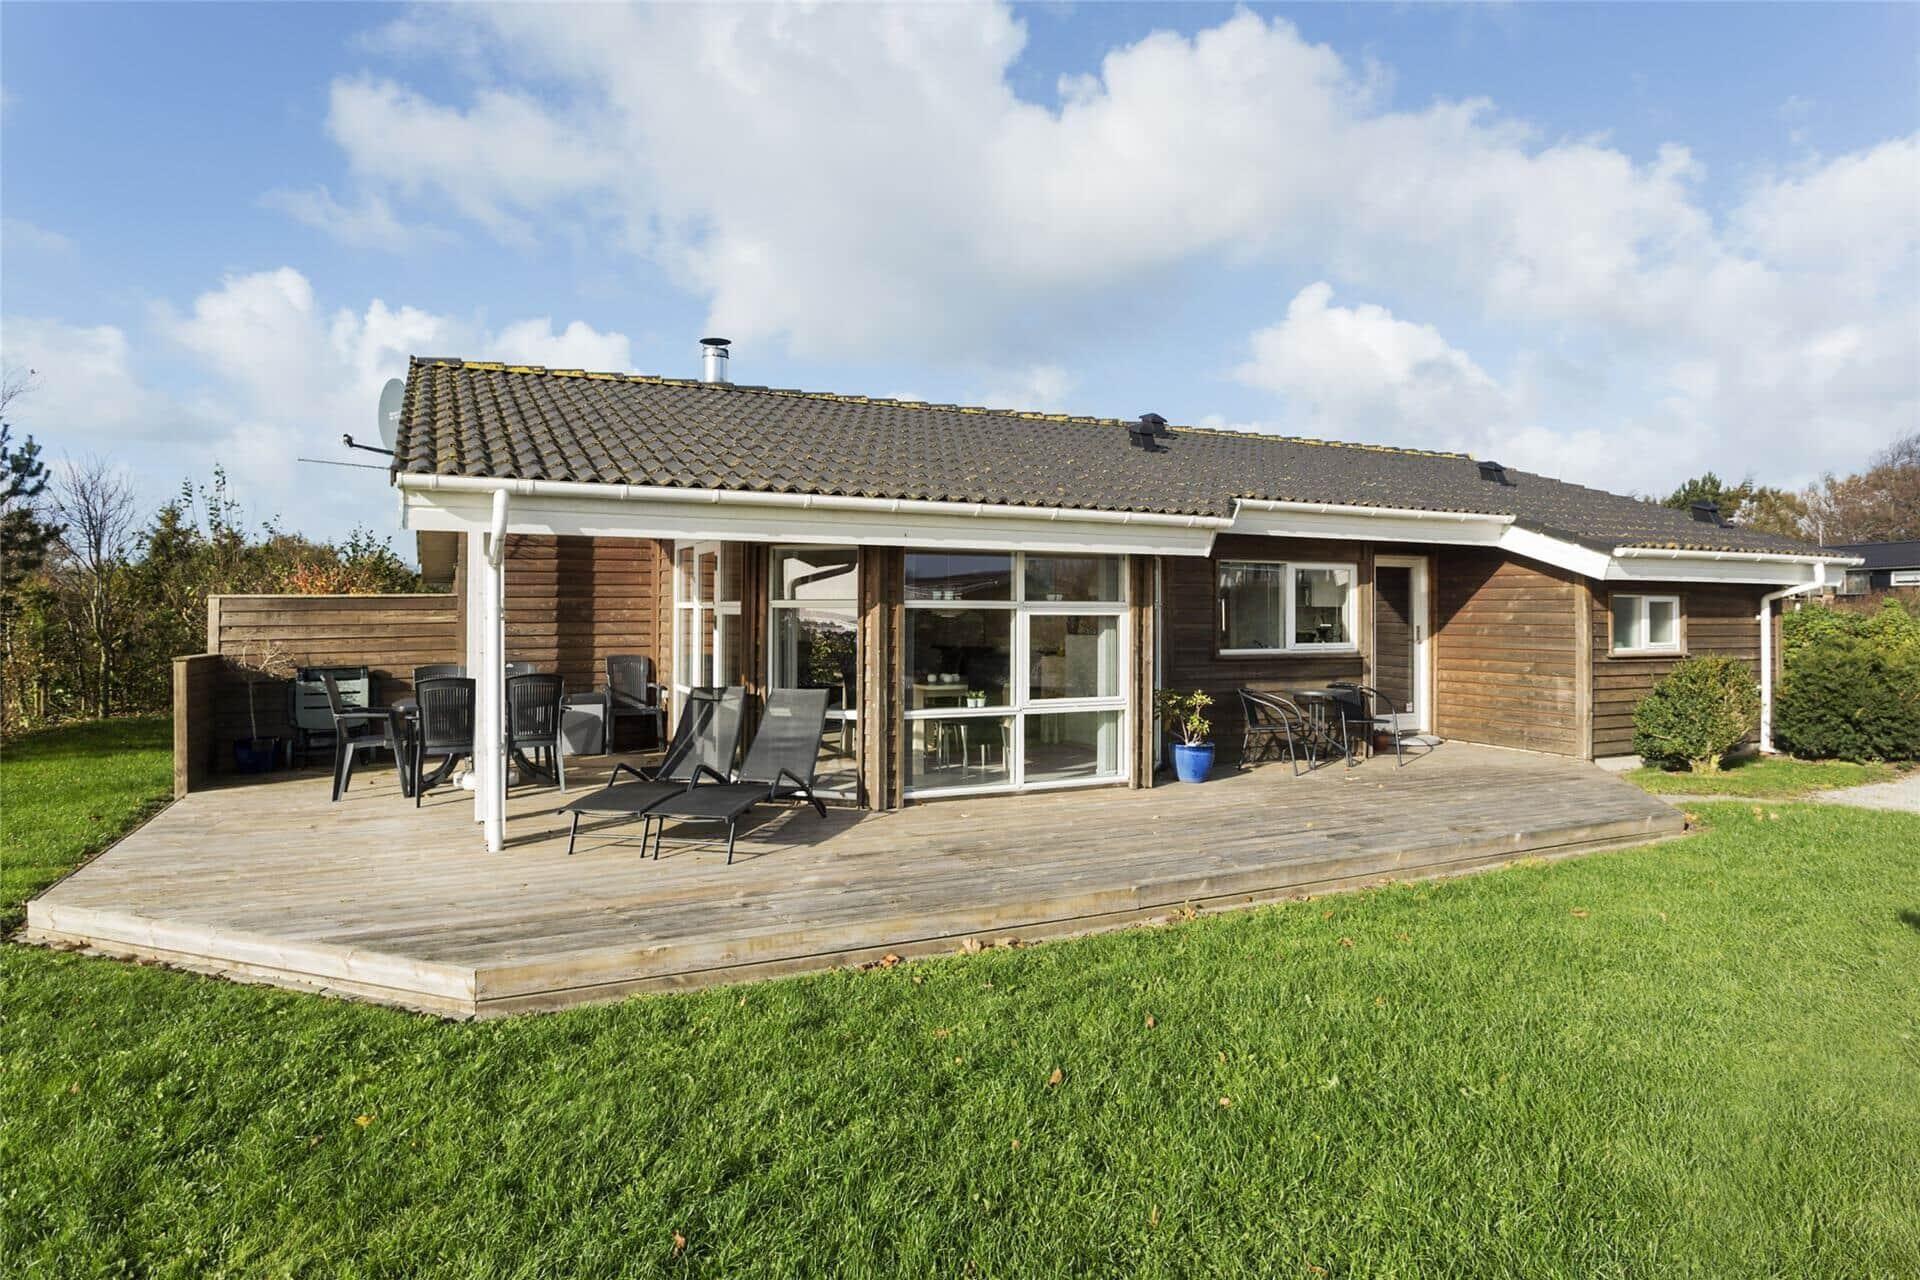 Image 1-13 Holiday-home 884, Kongens Borer 2, DK - 7752 Snedsted